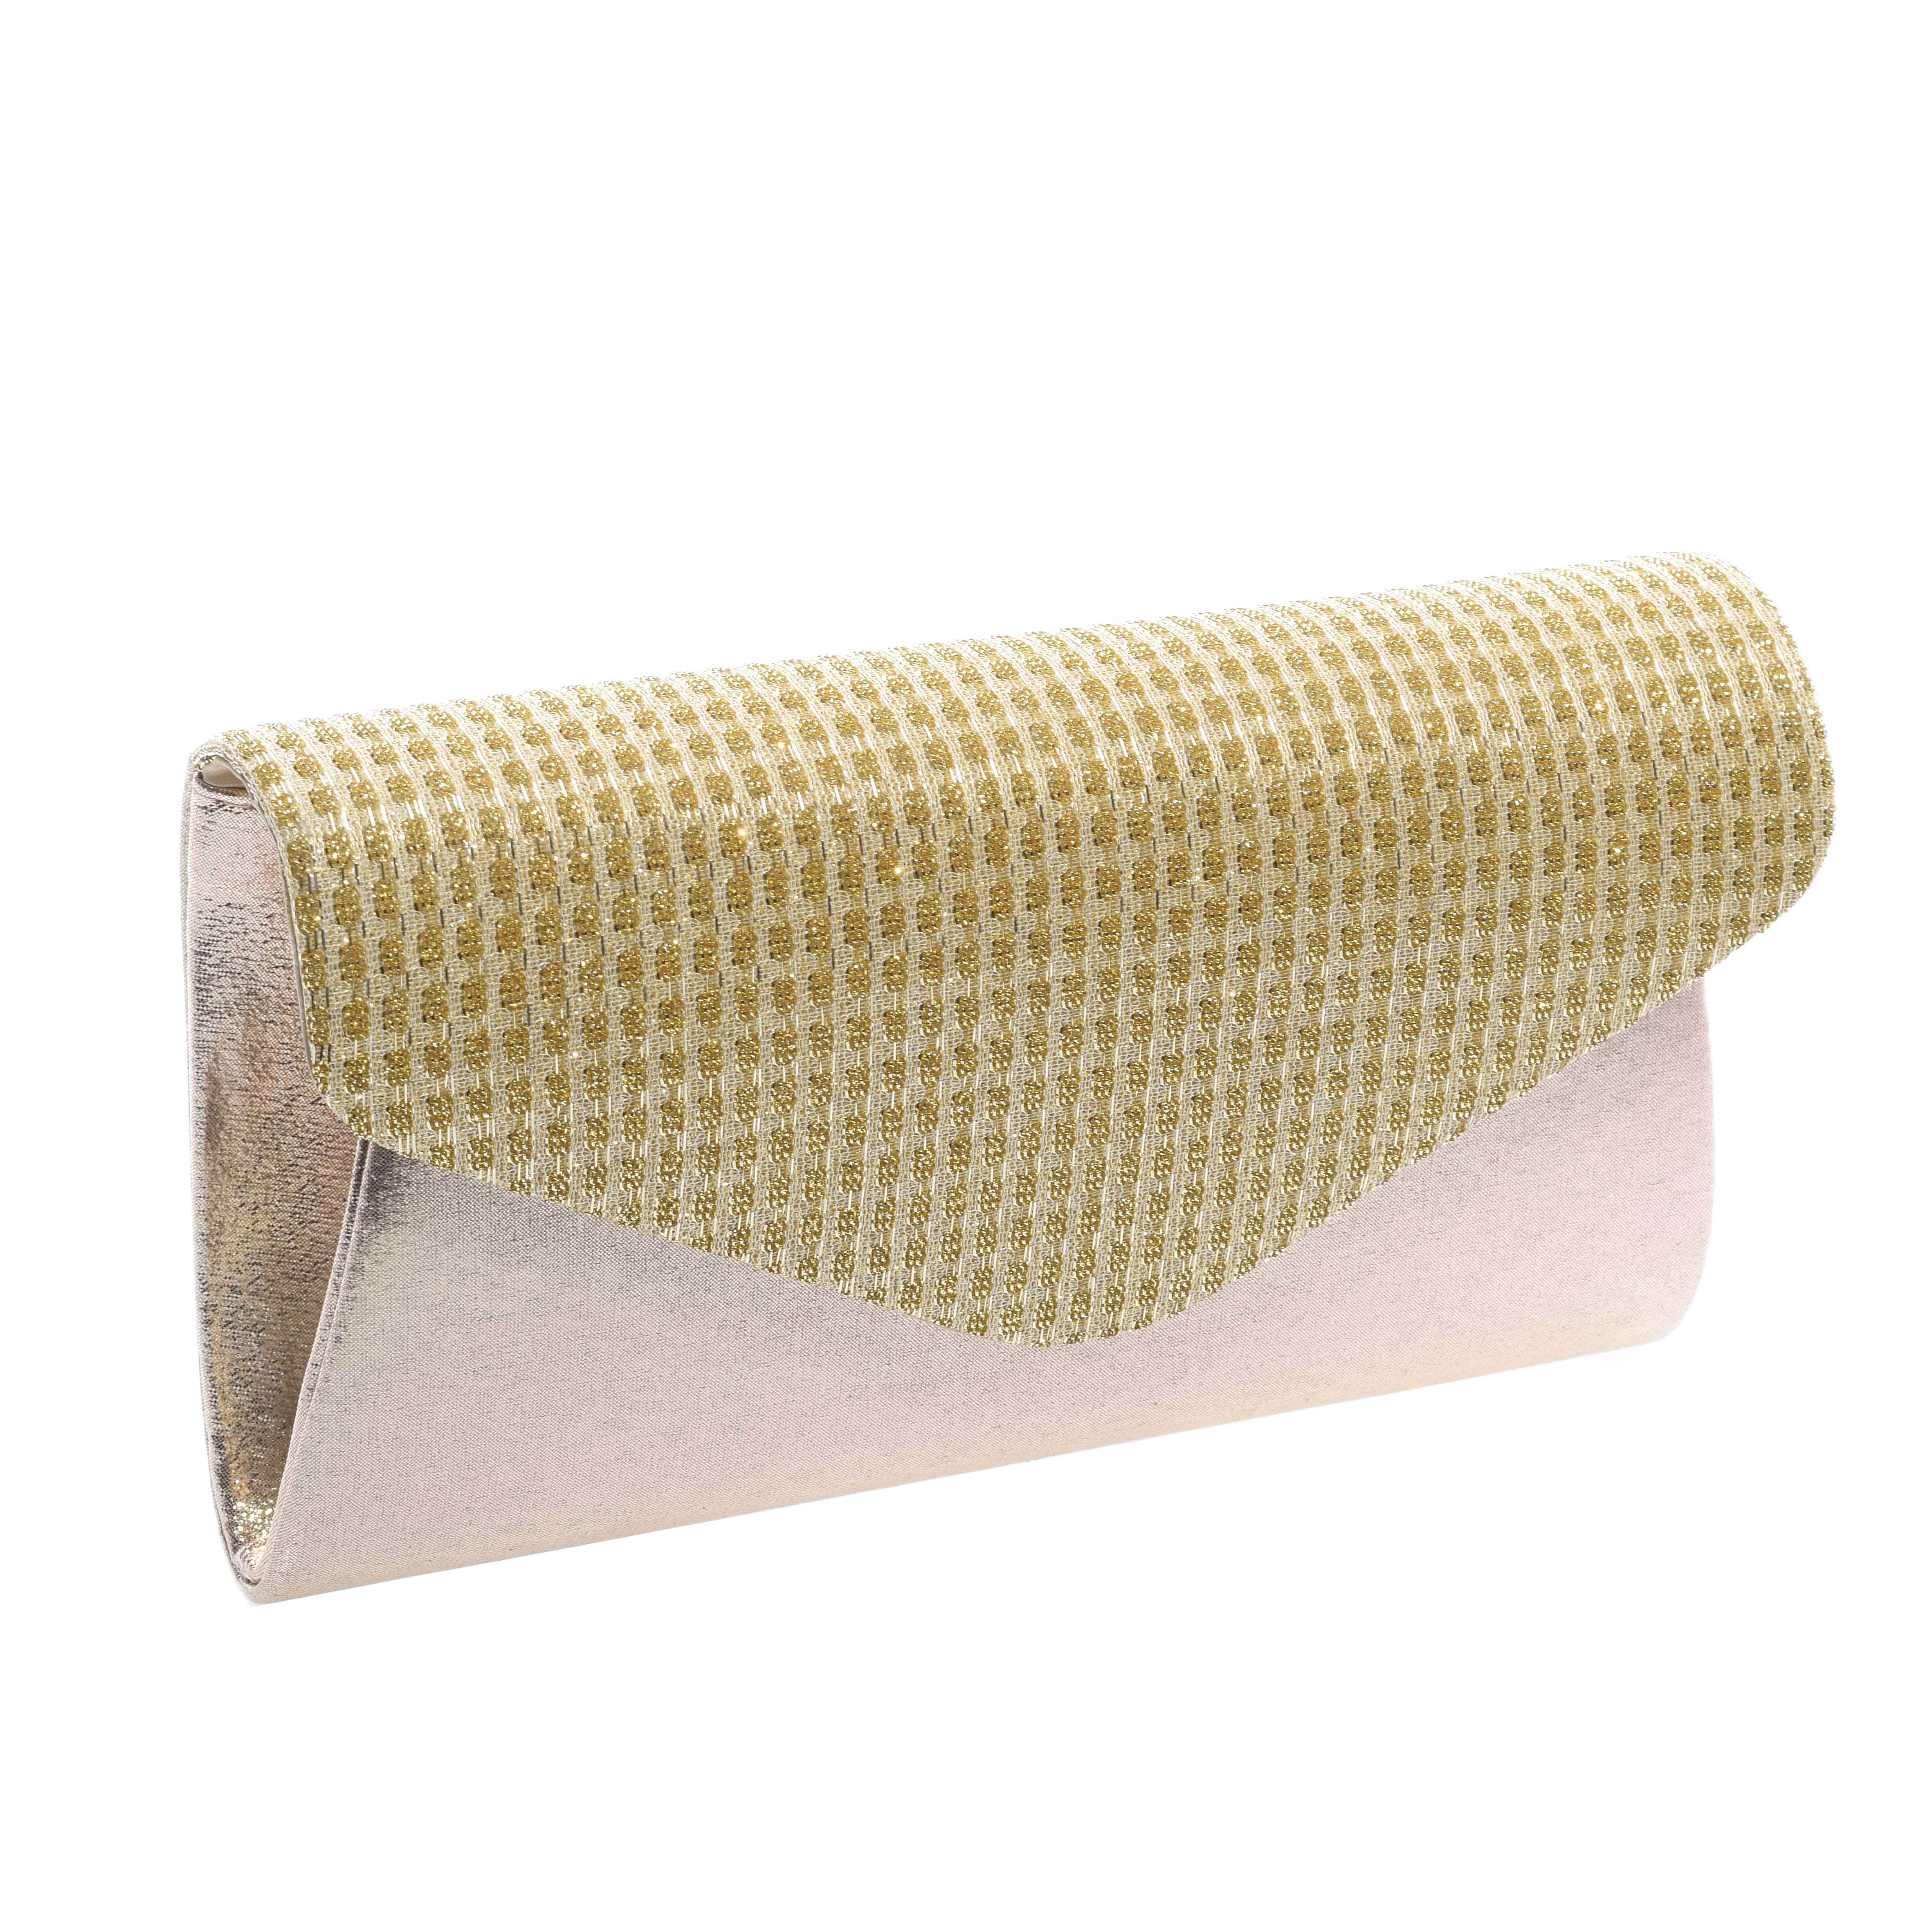 Arany Színű Női Borítéktáska - Alkalmi táskák - Táska webáruház - Minőségi  táskák mindenkinek d8ad1360a6